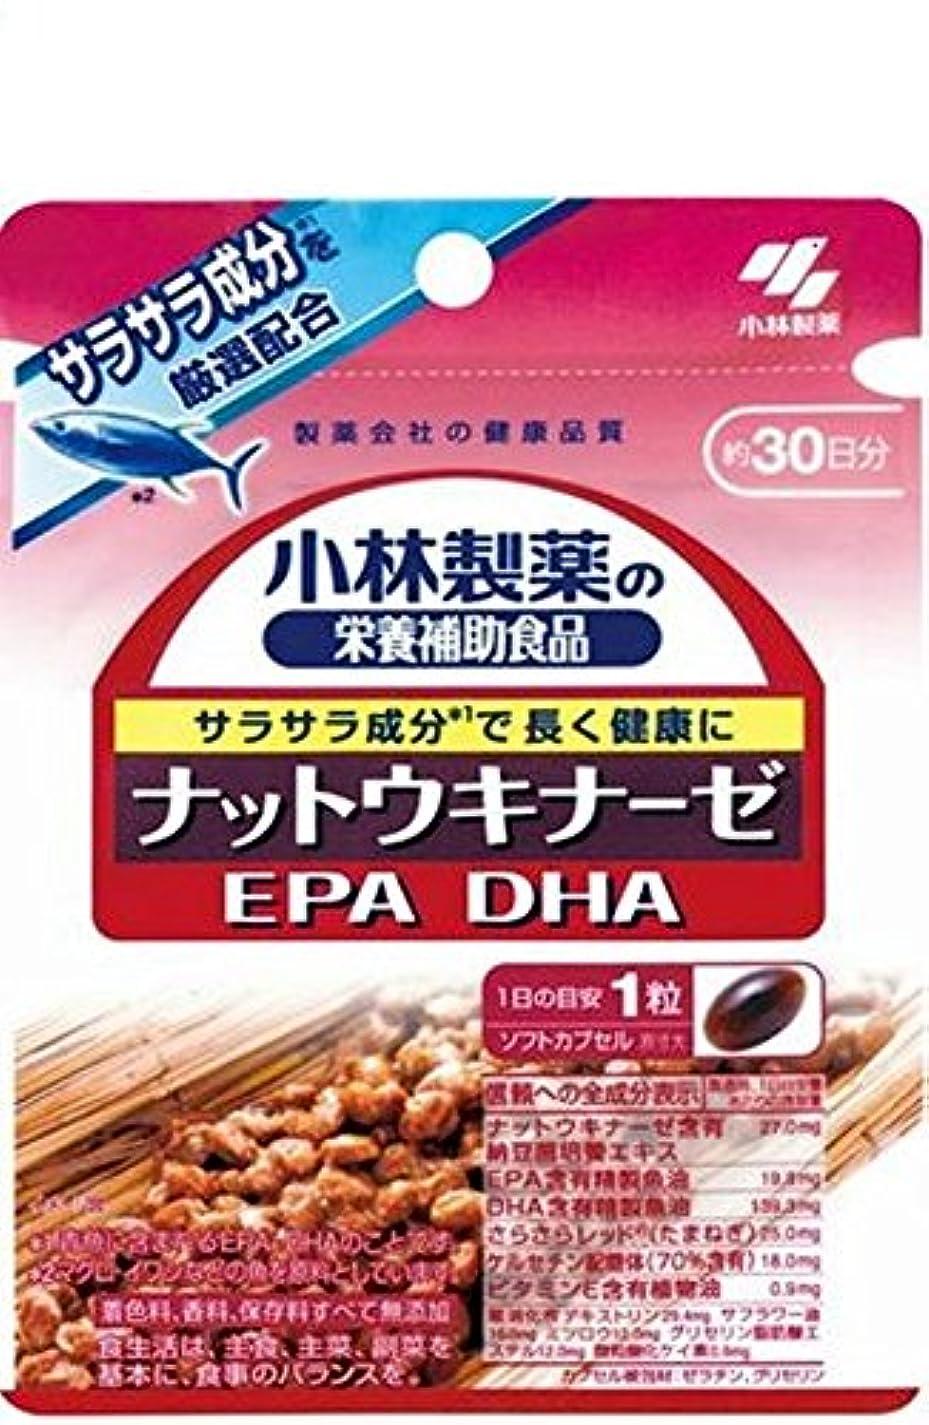 事実気がついて一時停止小林製薬 小林製薬の栄養補助食品ナットウキナーゼ?DHA?EPA30粒×2